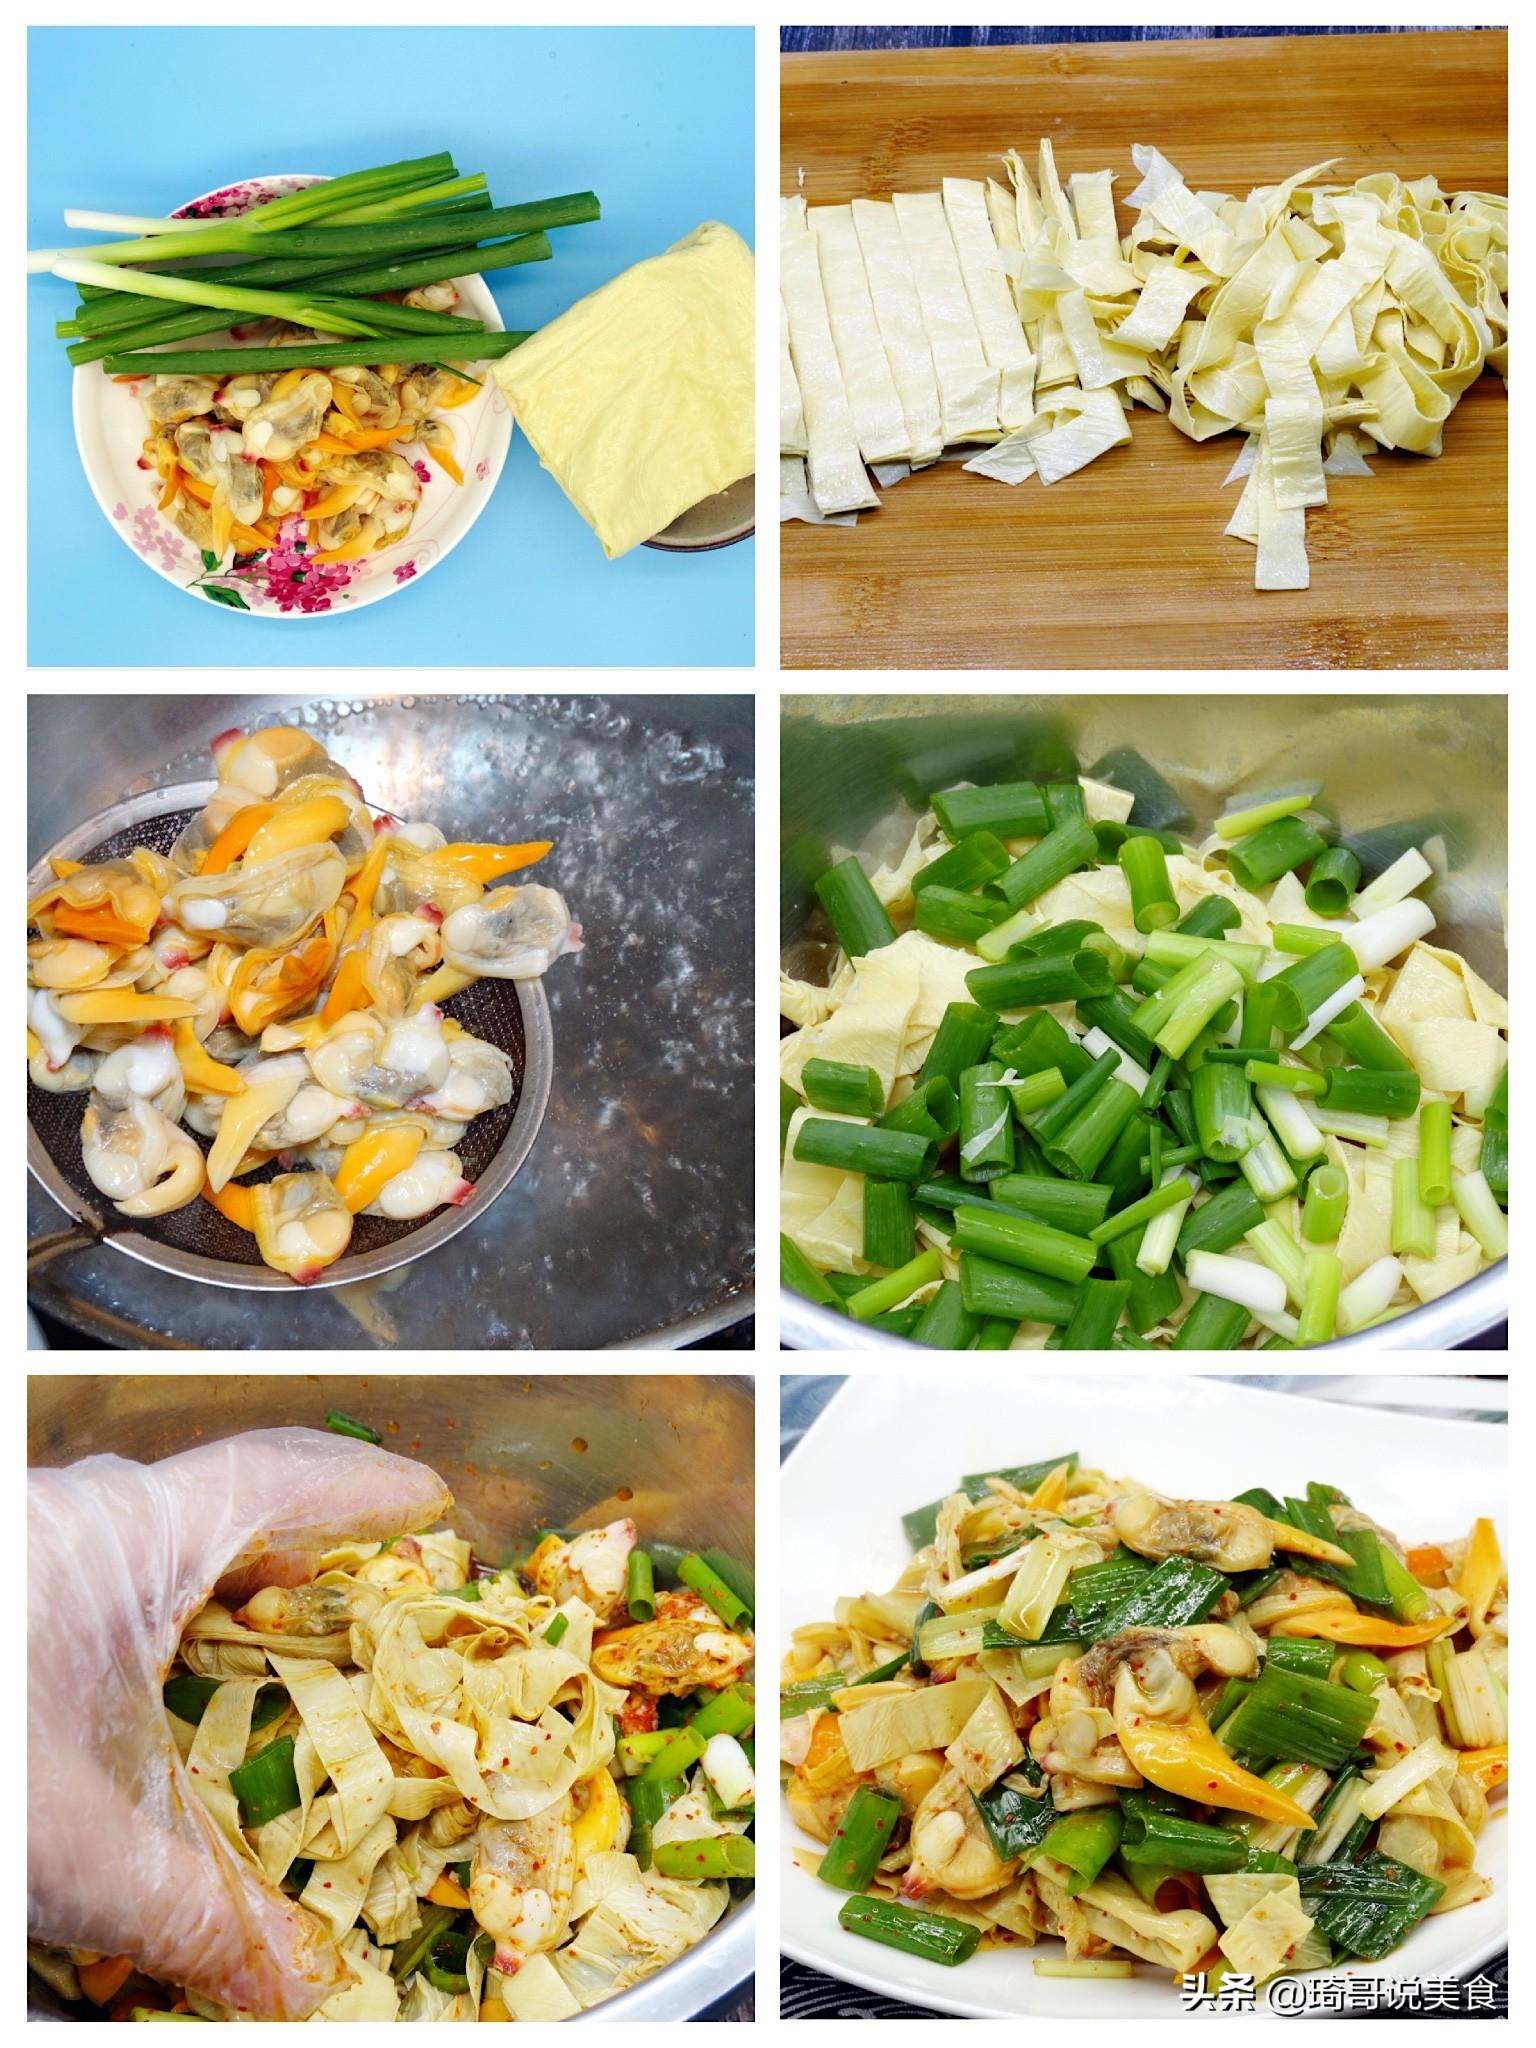 2021春节凉菜清单,比满桌鱼肉受欢迎,10道图解,简单易学 食材宝典 第17张